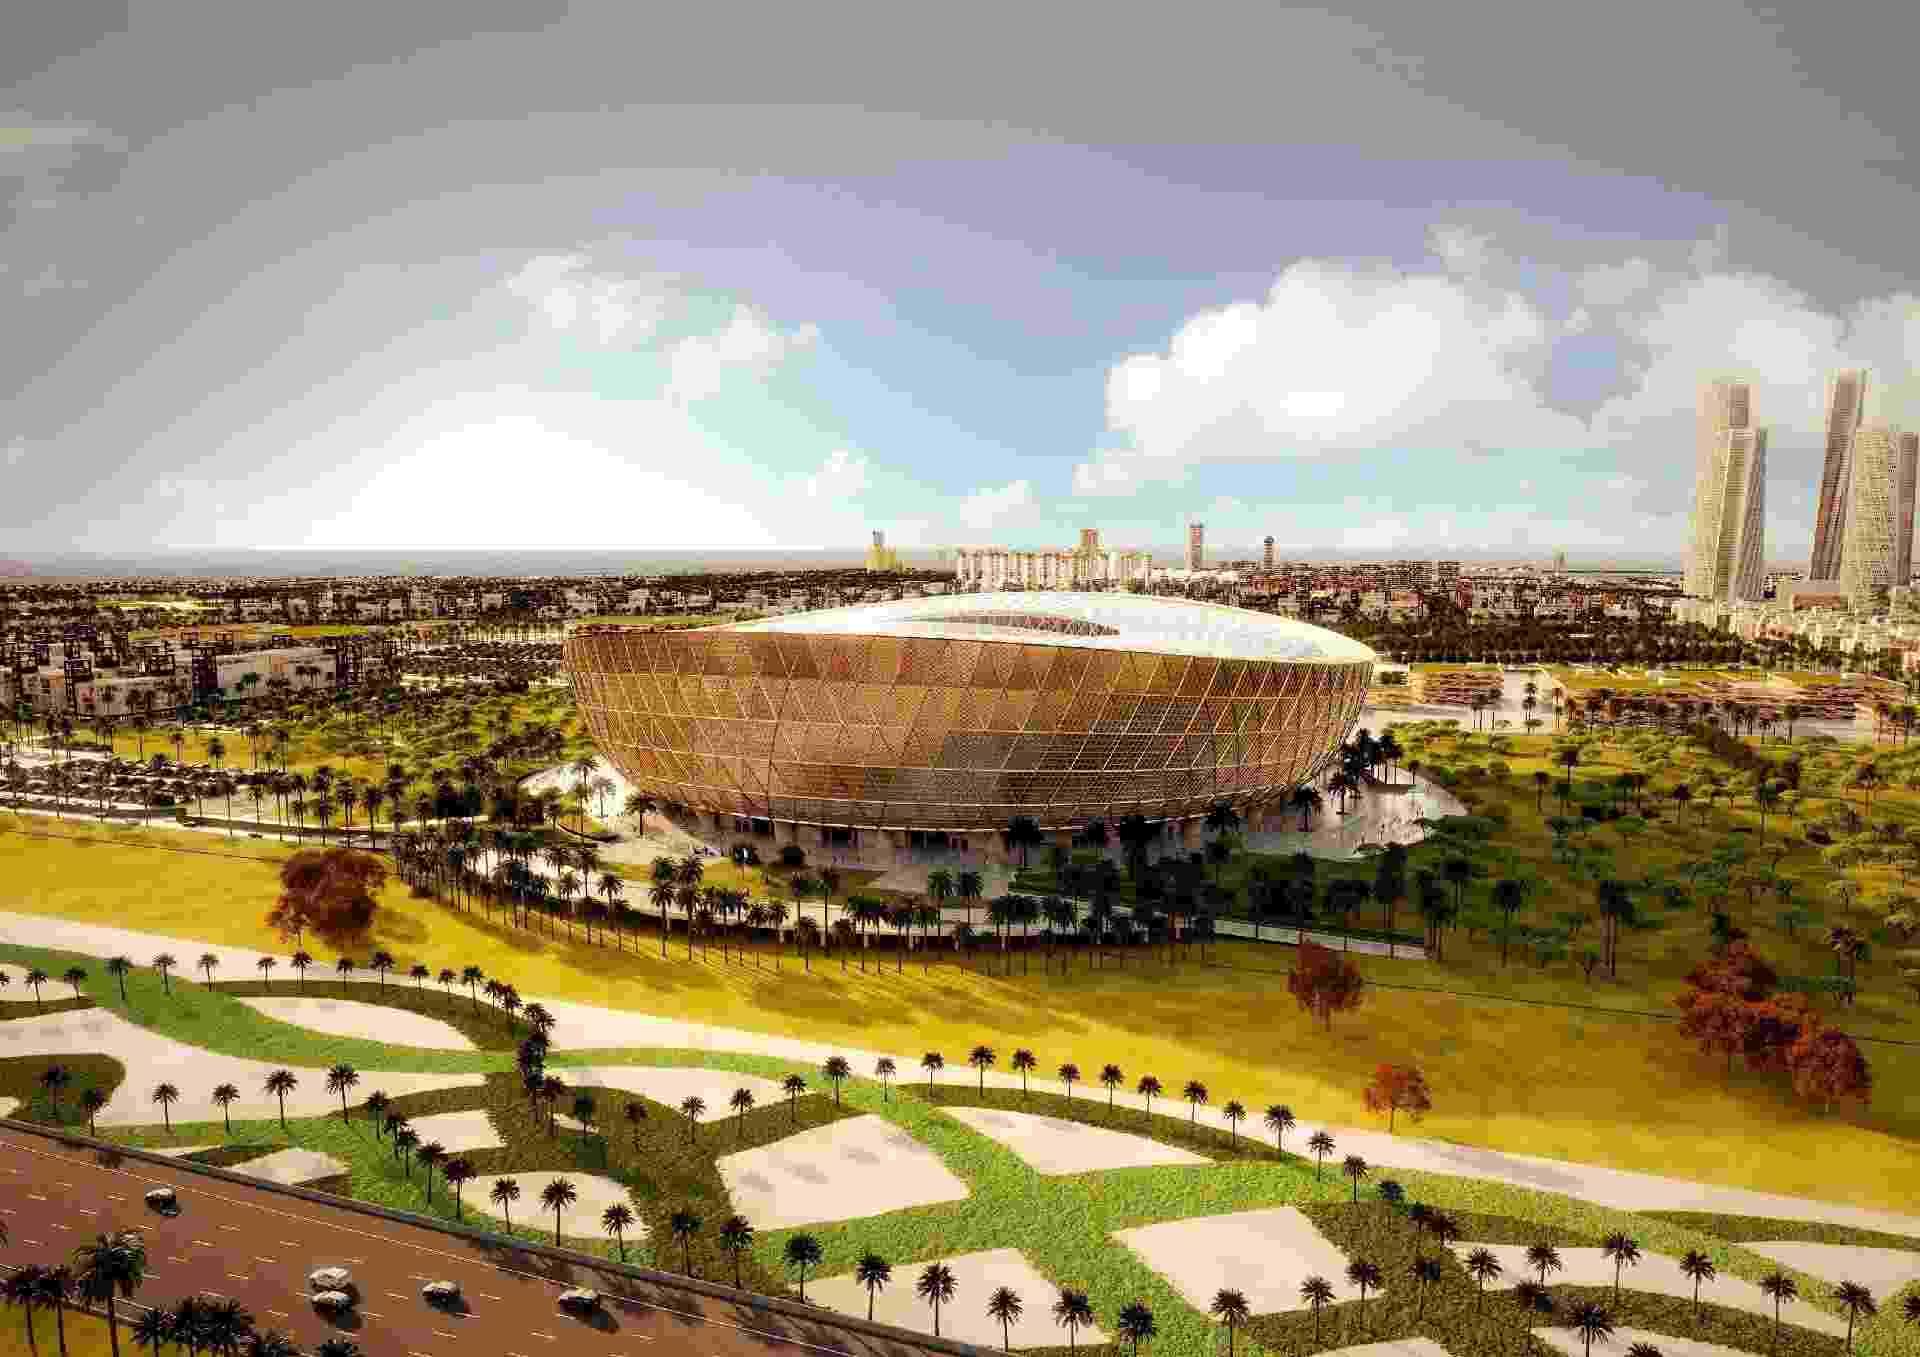 O estádio Icônico de Lusail, palco da final da Copa de 2022, com capacidade para 80 mil pessoas, está sendo construído junto com uma nova cidade inteira, a 20 km de Doha. - Divulgação/Fifa